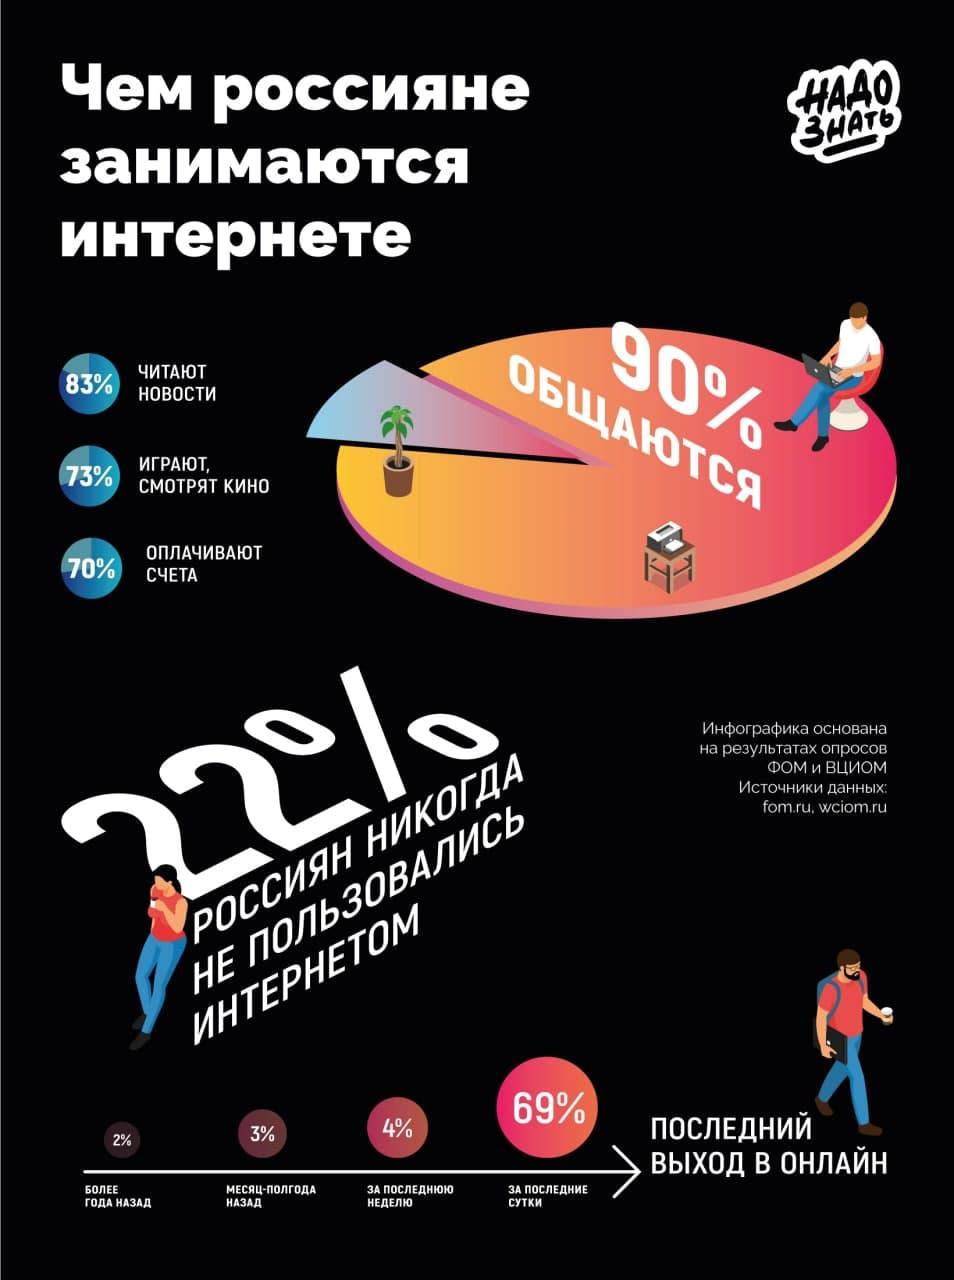 Чем россияне занимаются в интернете